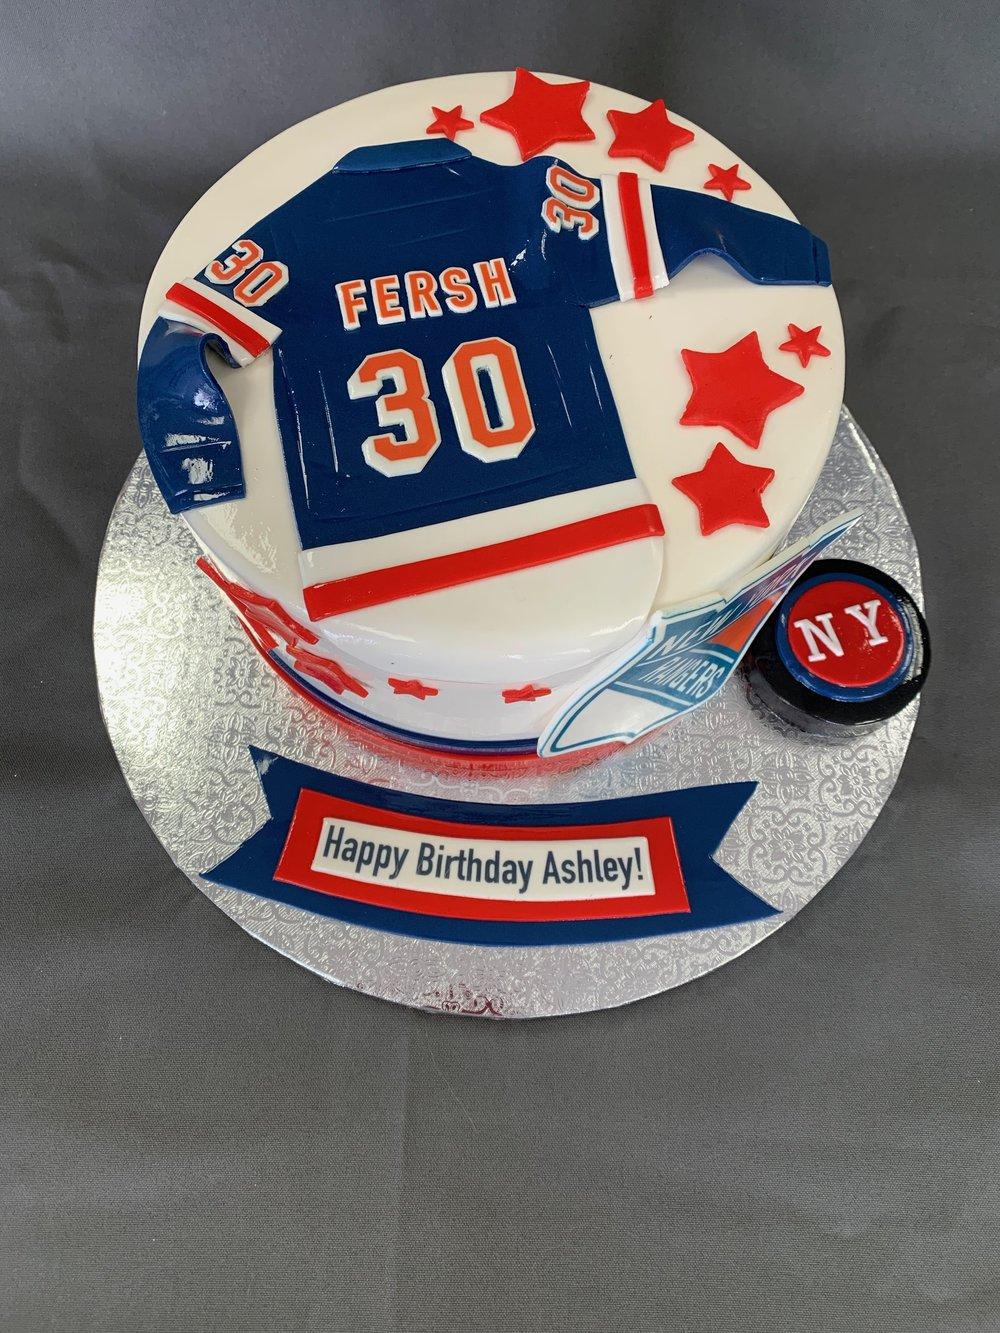 Ny rangers birthday cake NJ